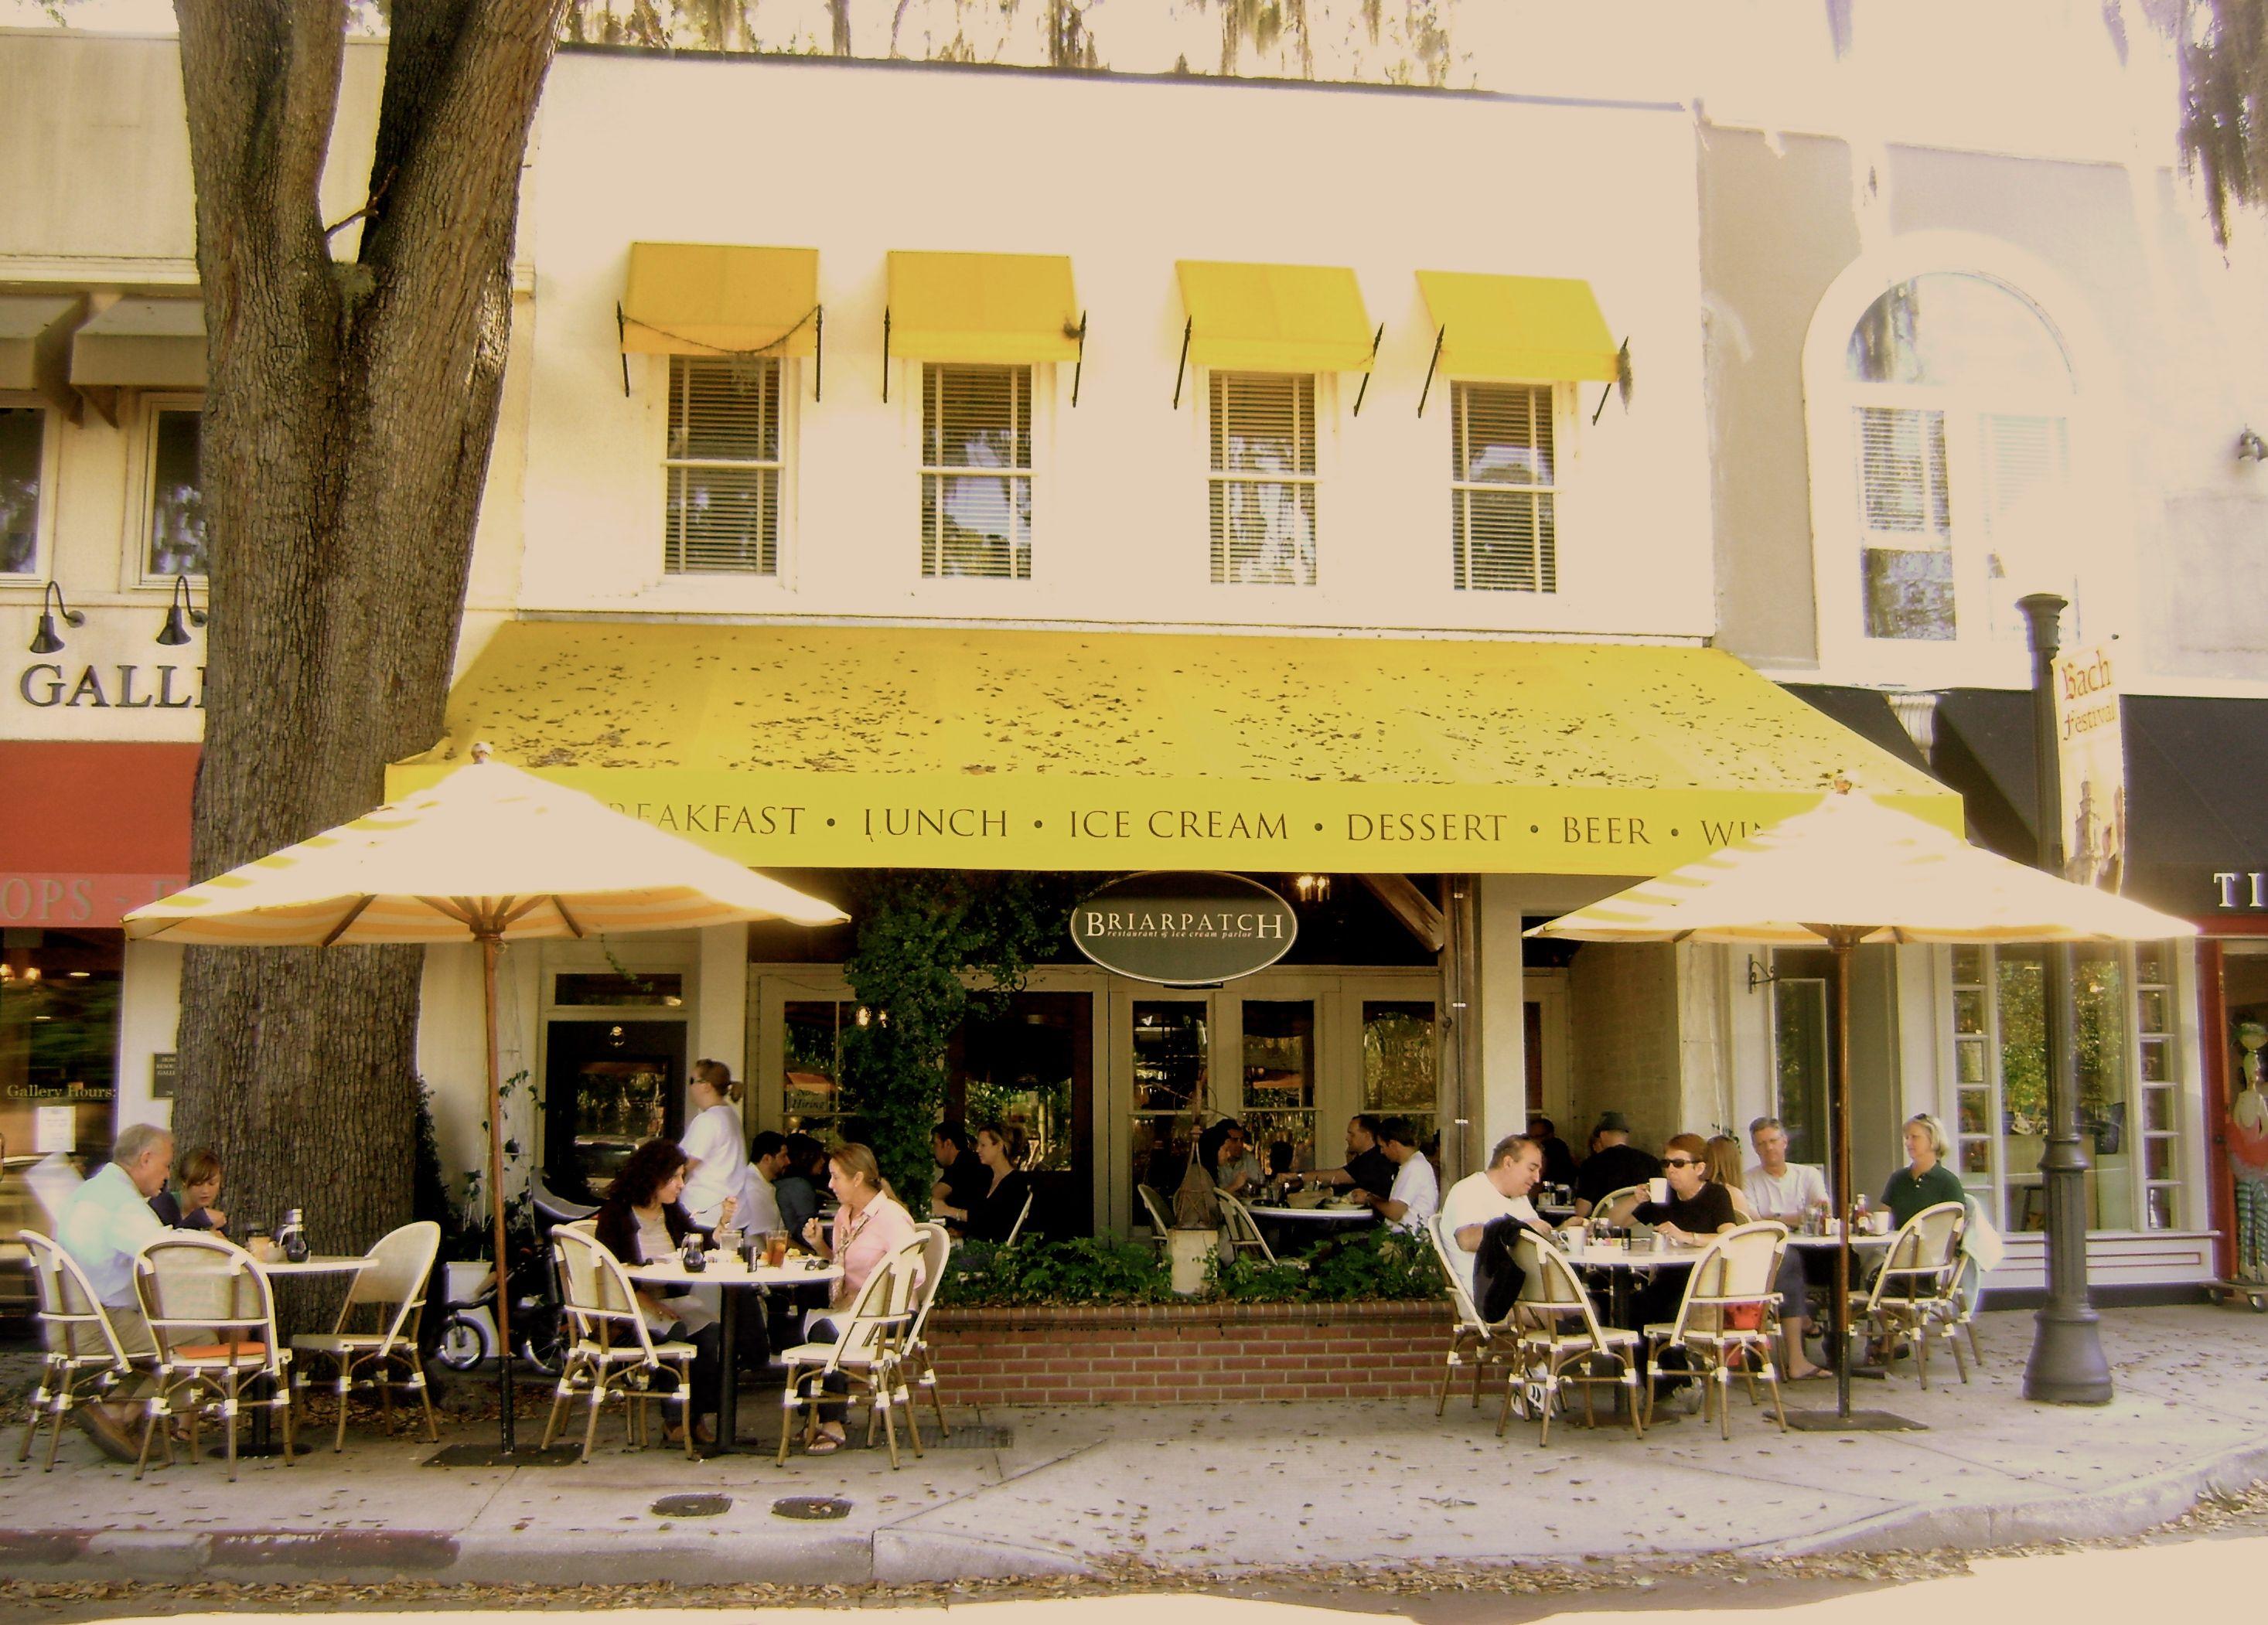 Briarpatch Winter Park Fl Orlando Best Brunch Orlandohipster Restaurants